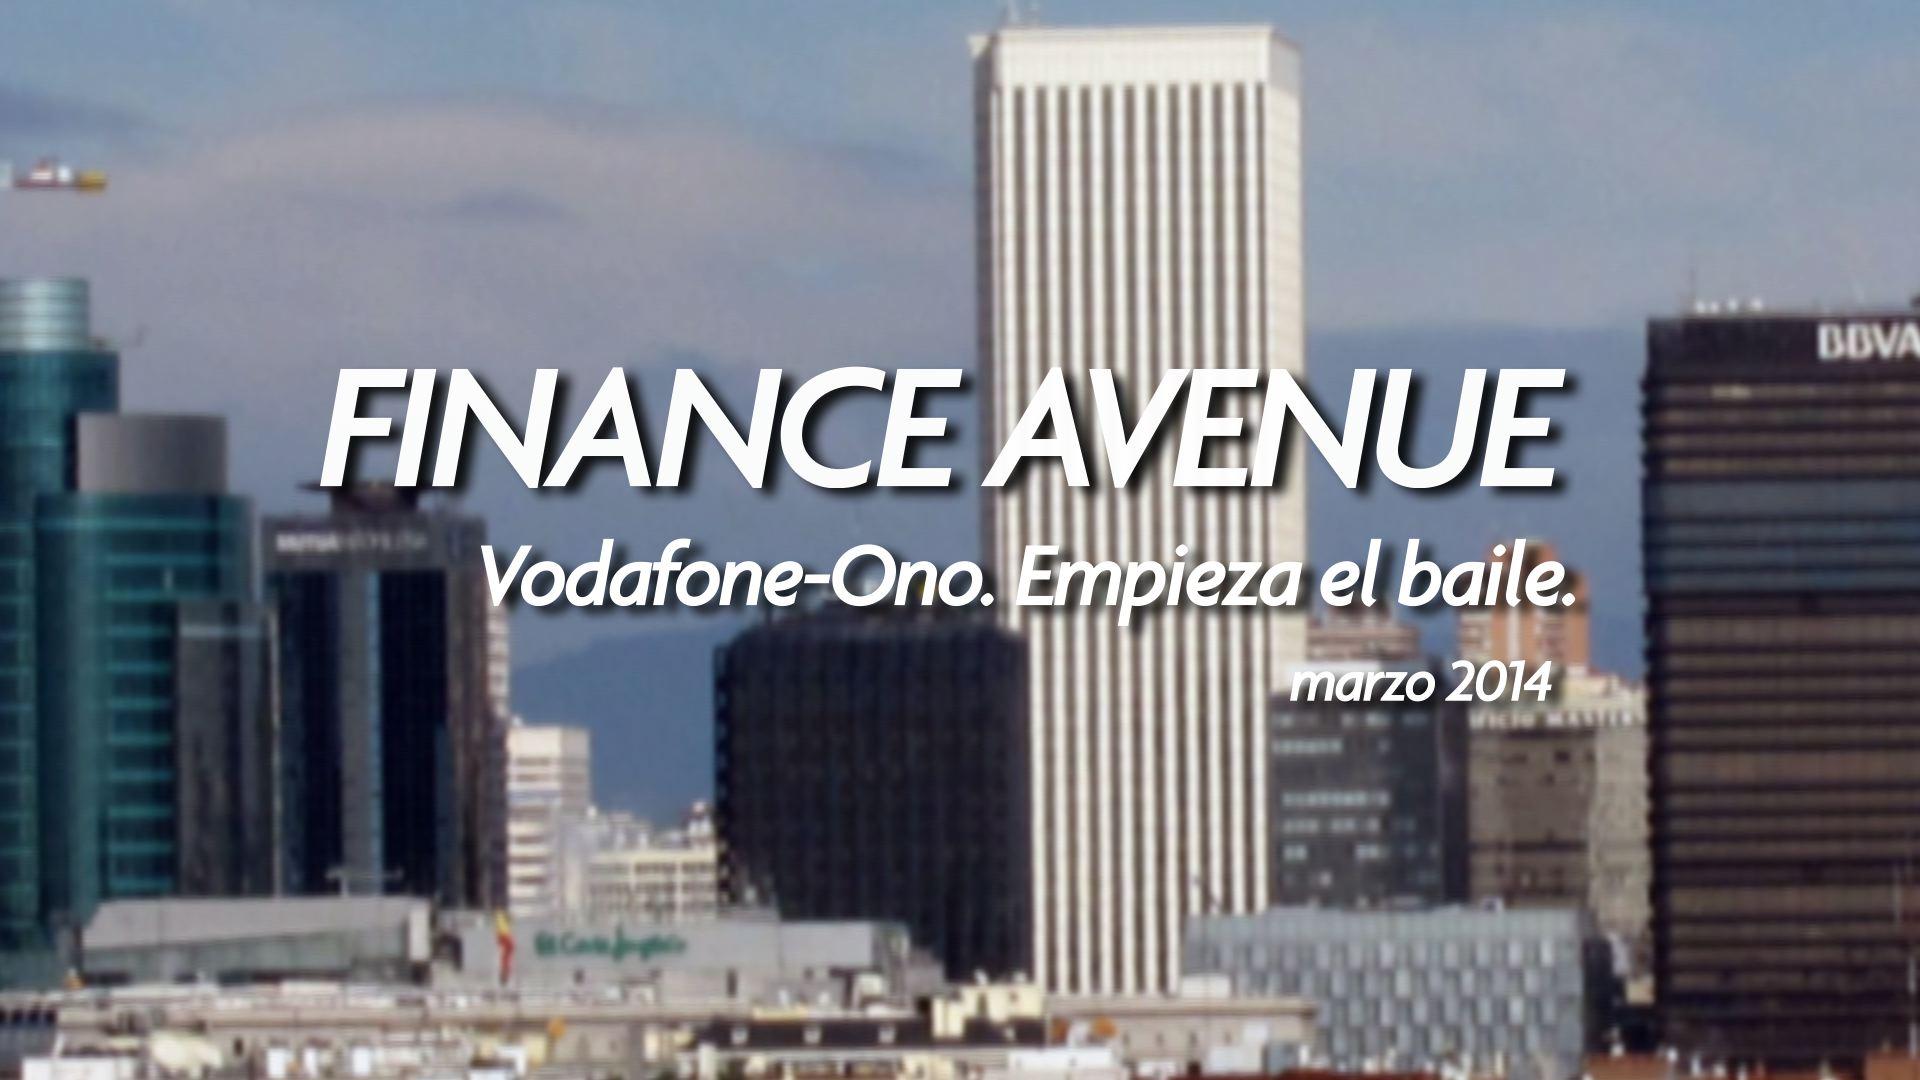 #FinanceAvenue: Vodafone-Ono. Empieza el baile